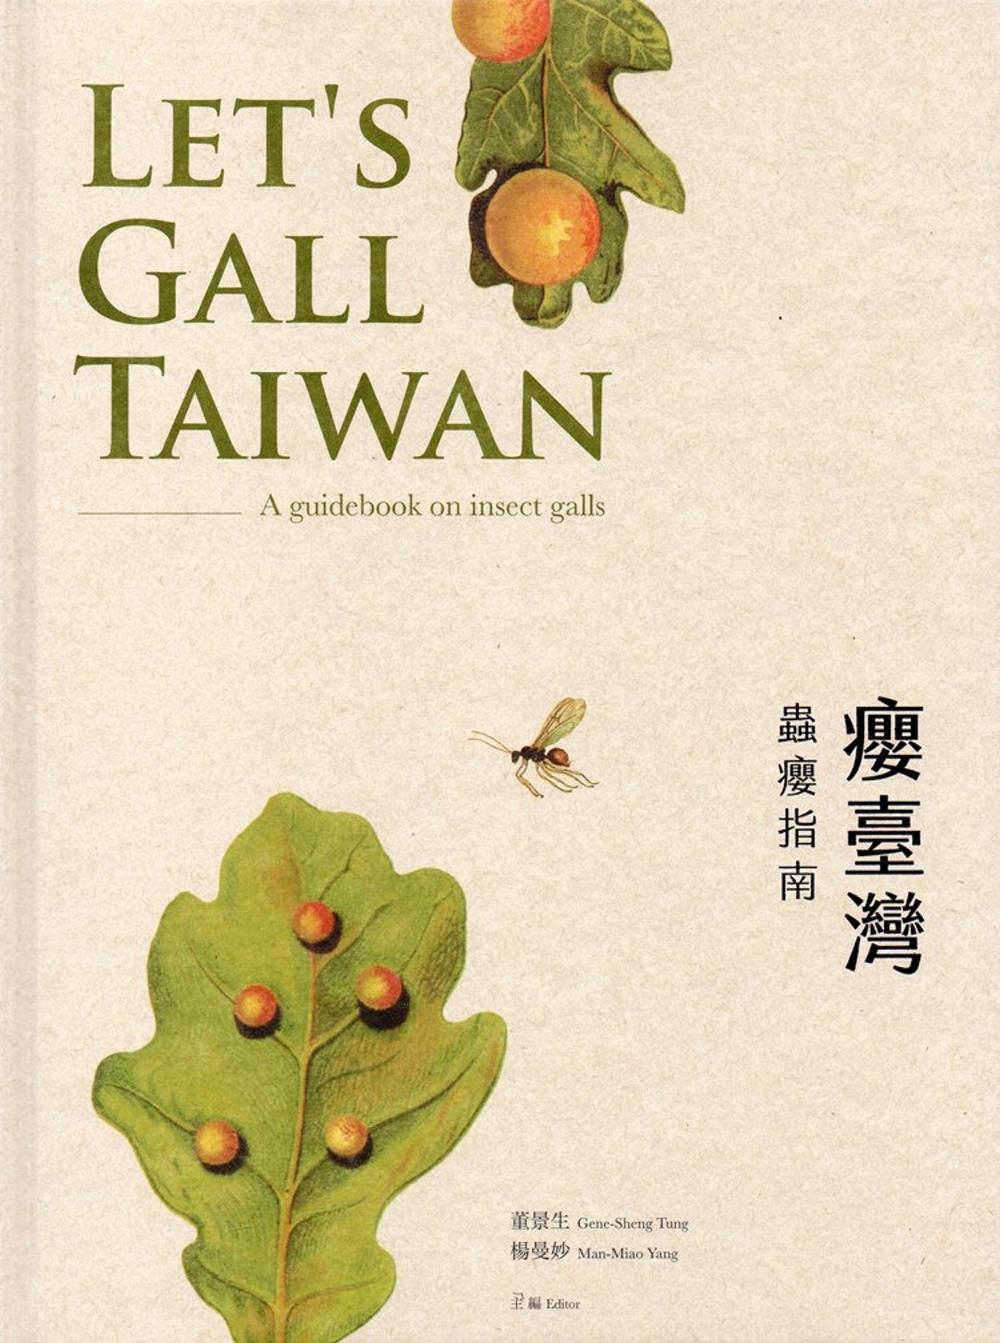 癭臺灣:蟲癭指南